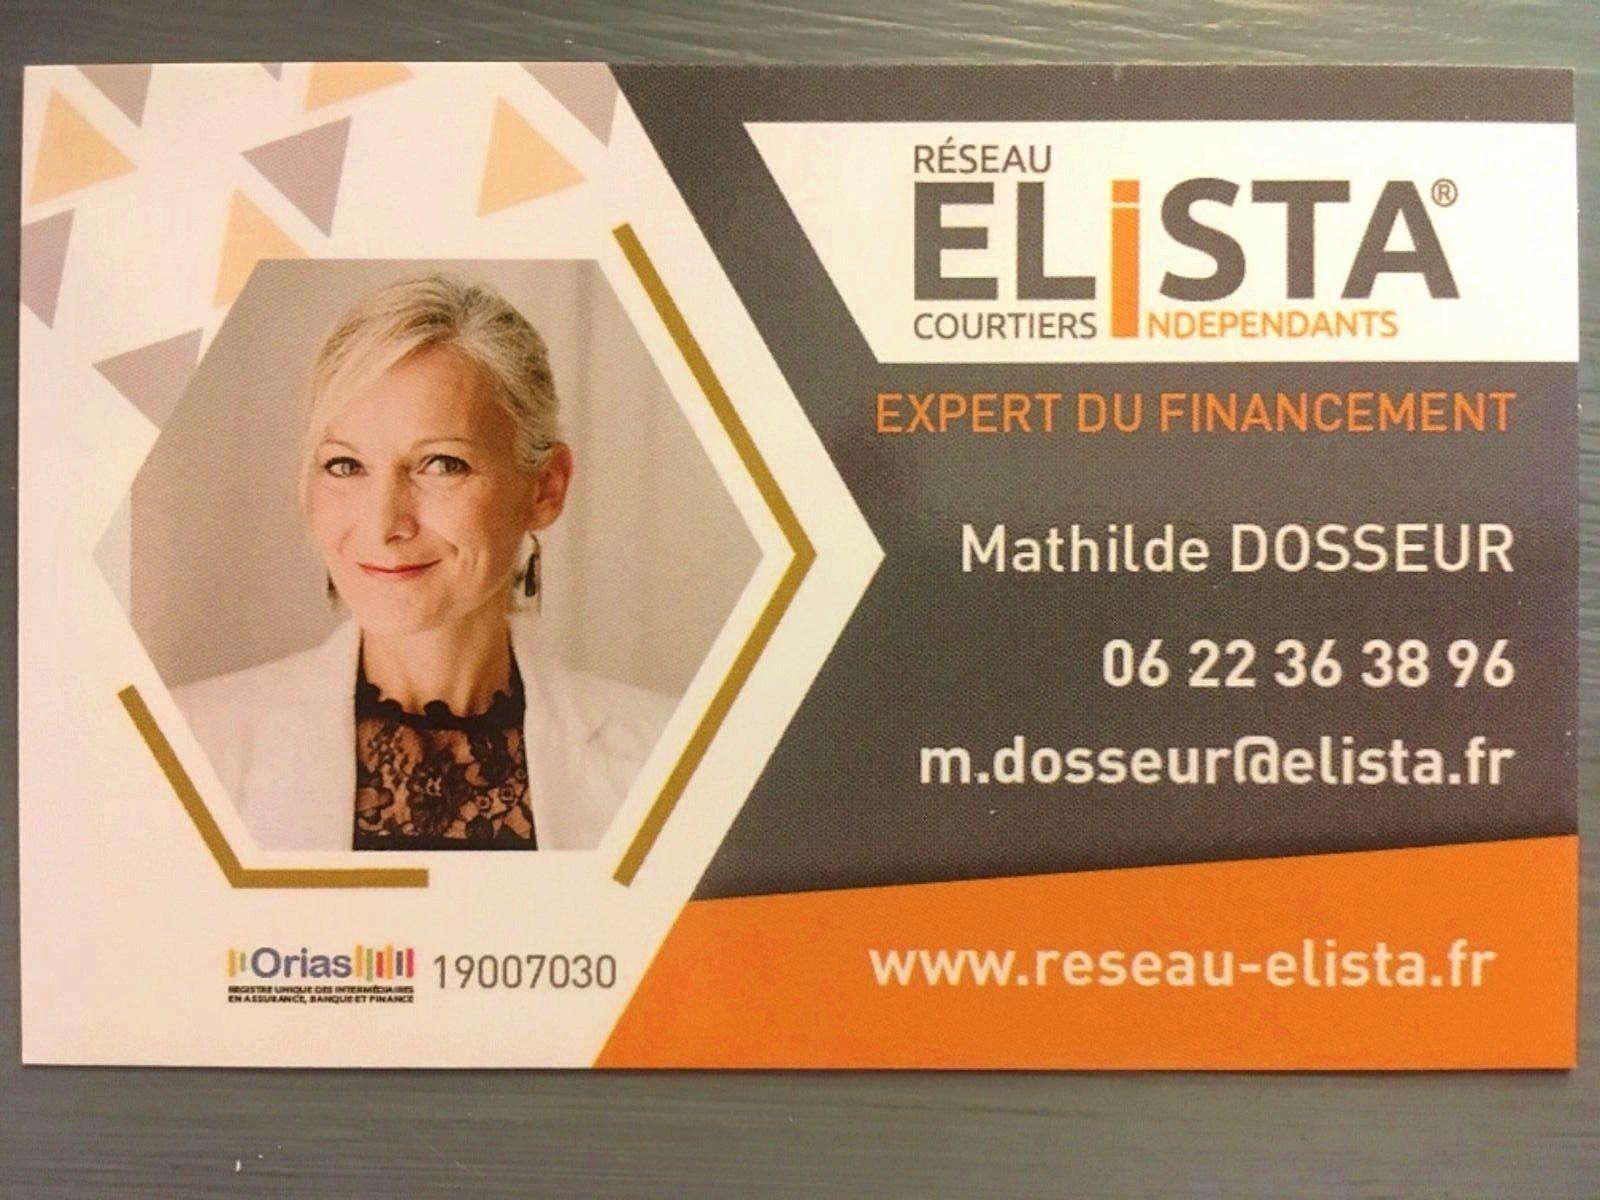 Courtier en prêt immobilier Elista, Morbihan et alentours